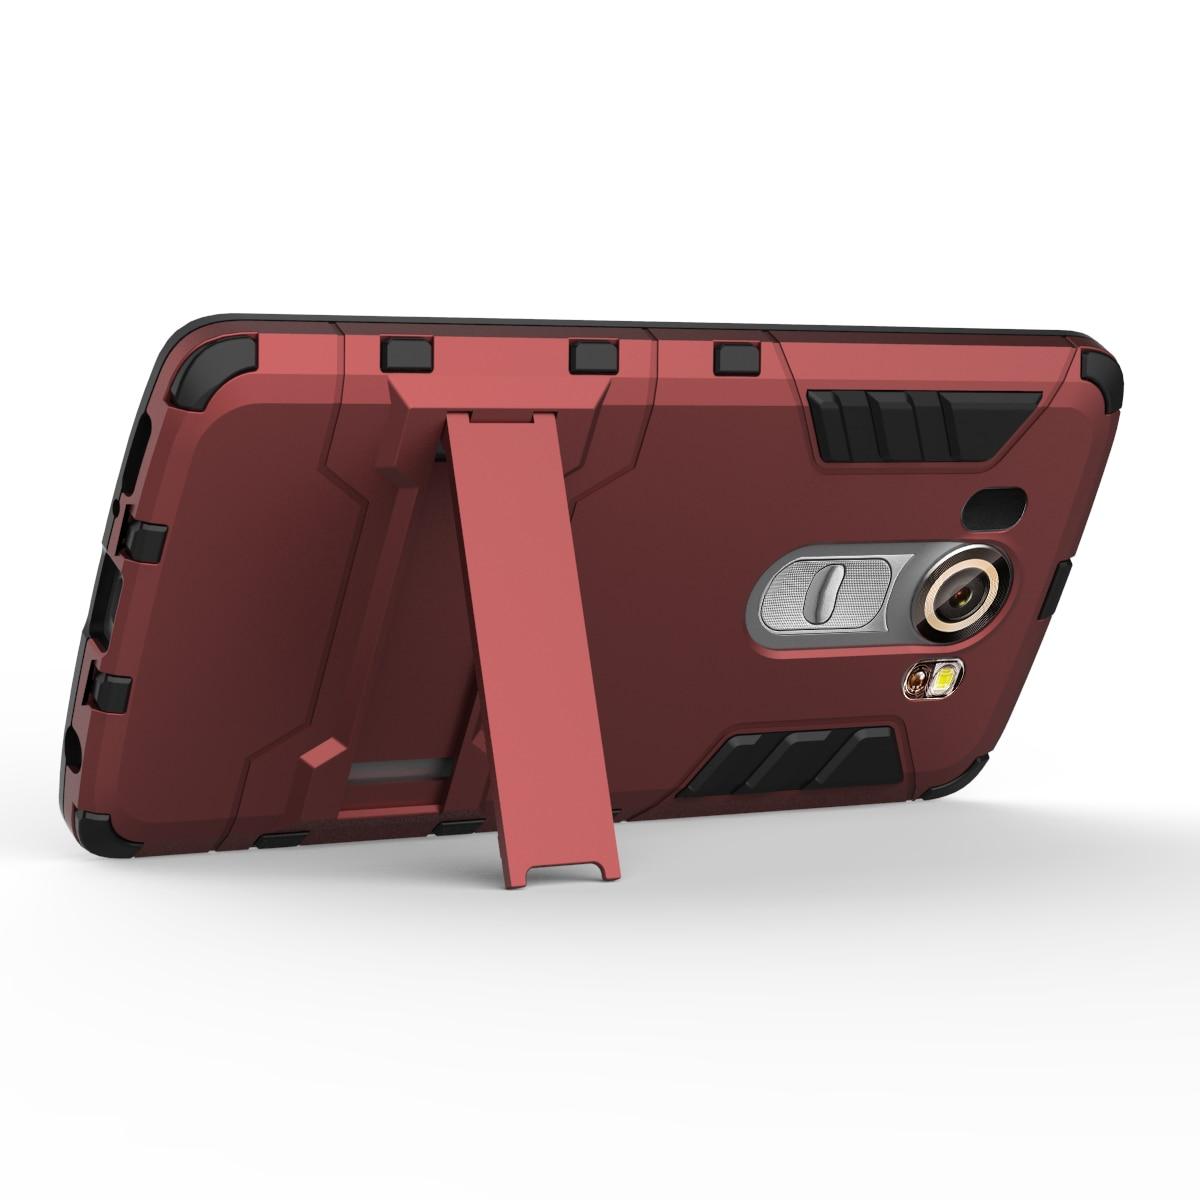 Soporte a prueba de golpes duros cajas del teléfono para lg v10 f600 case cubier